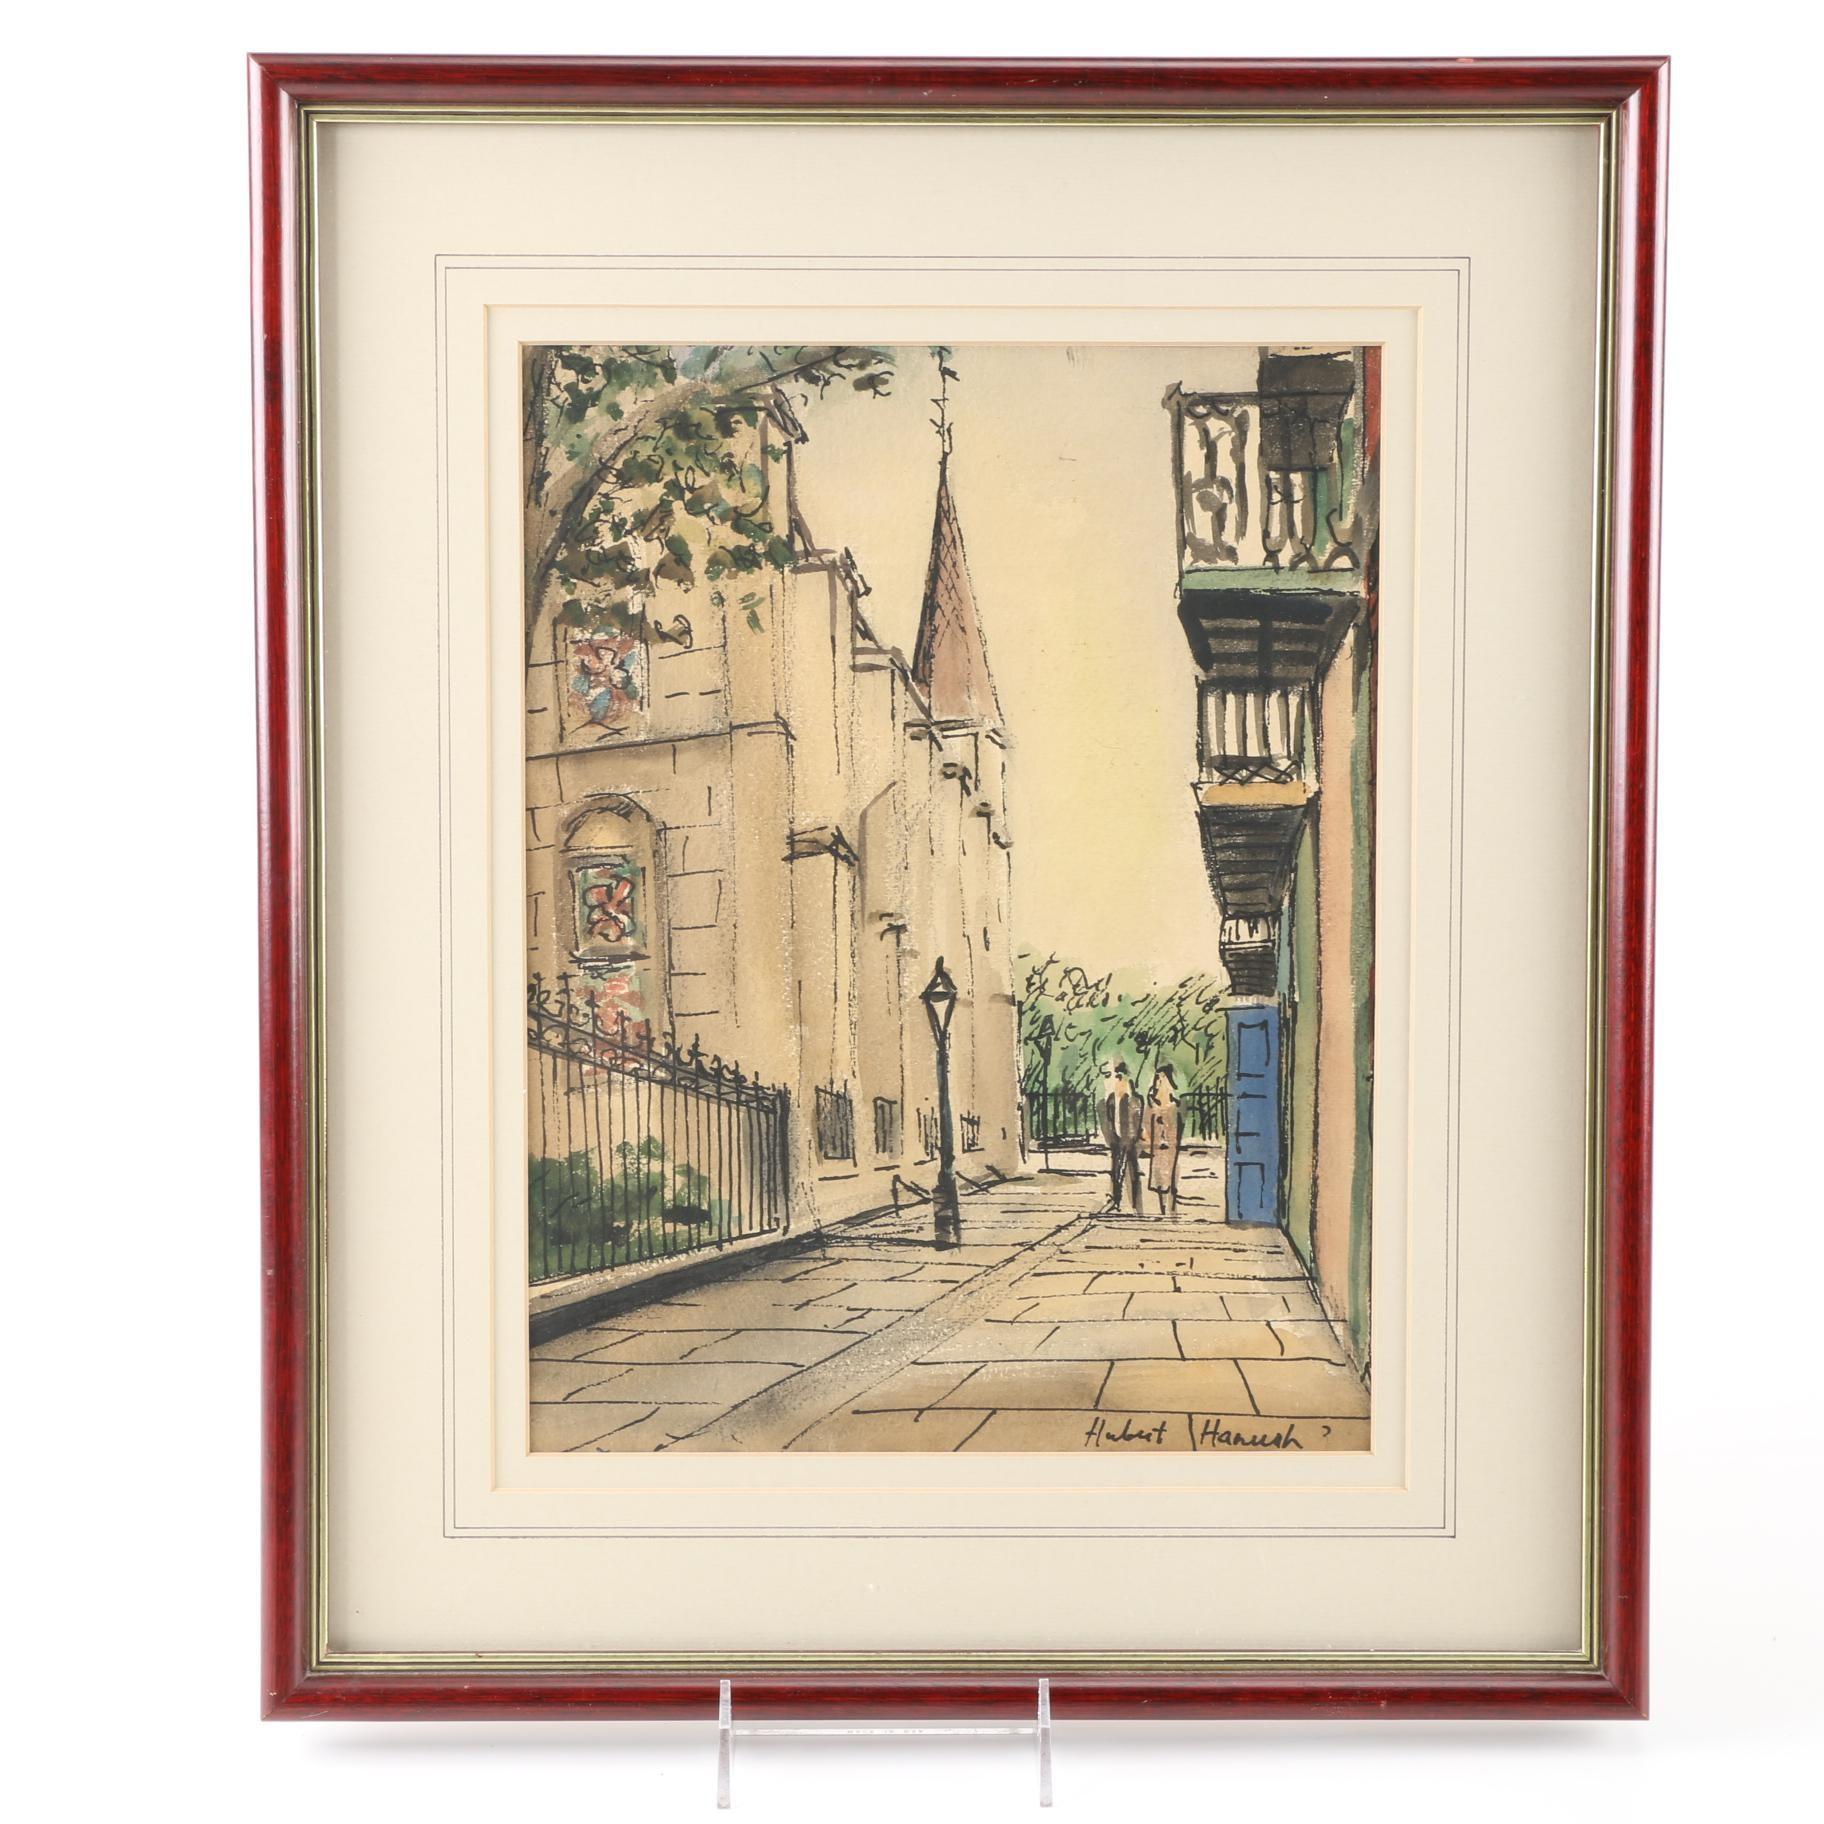 Hubert Hanush Signed Original Watercolor and Ink Drawing